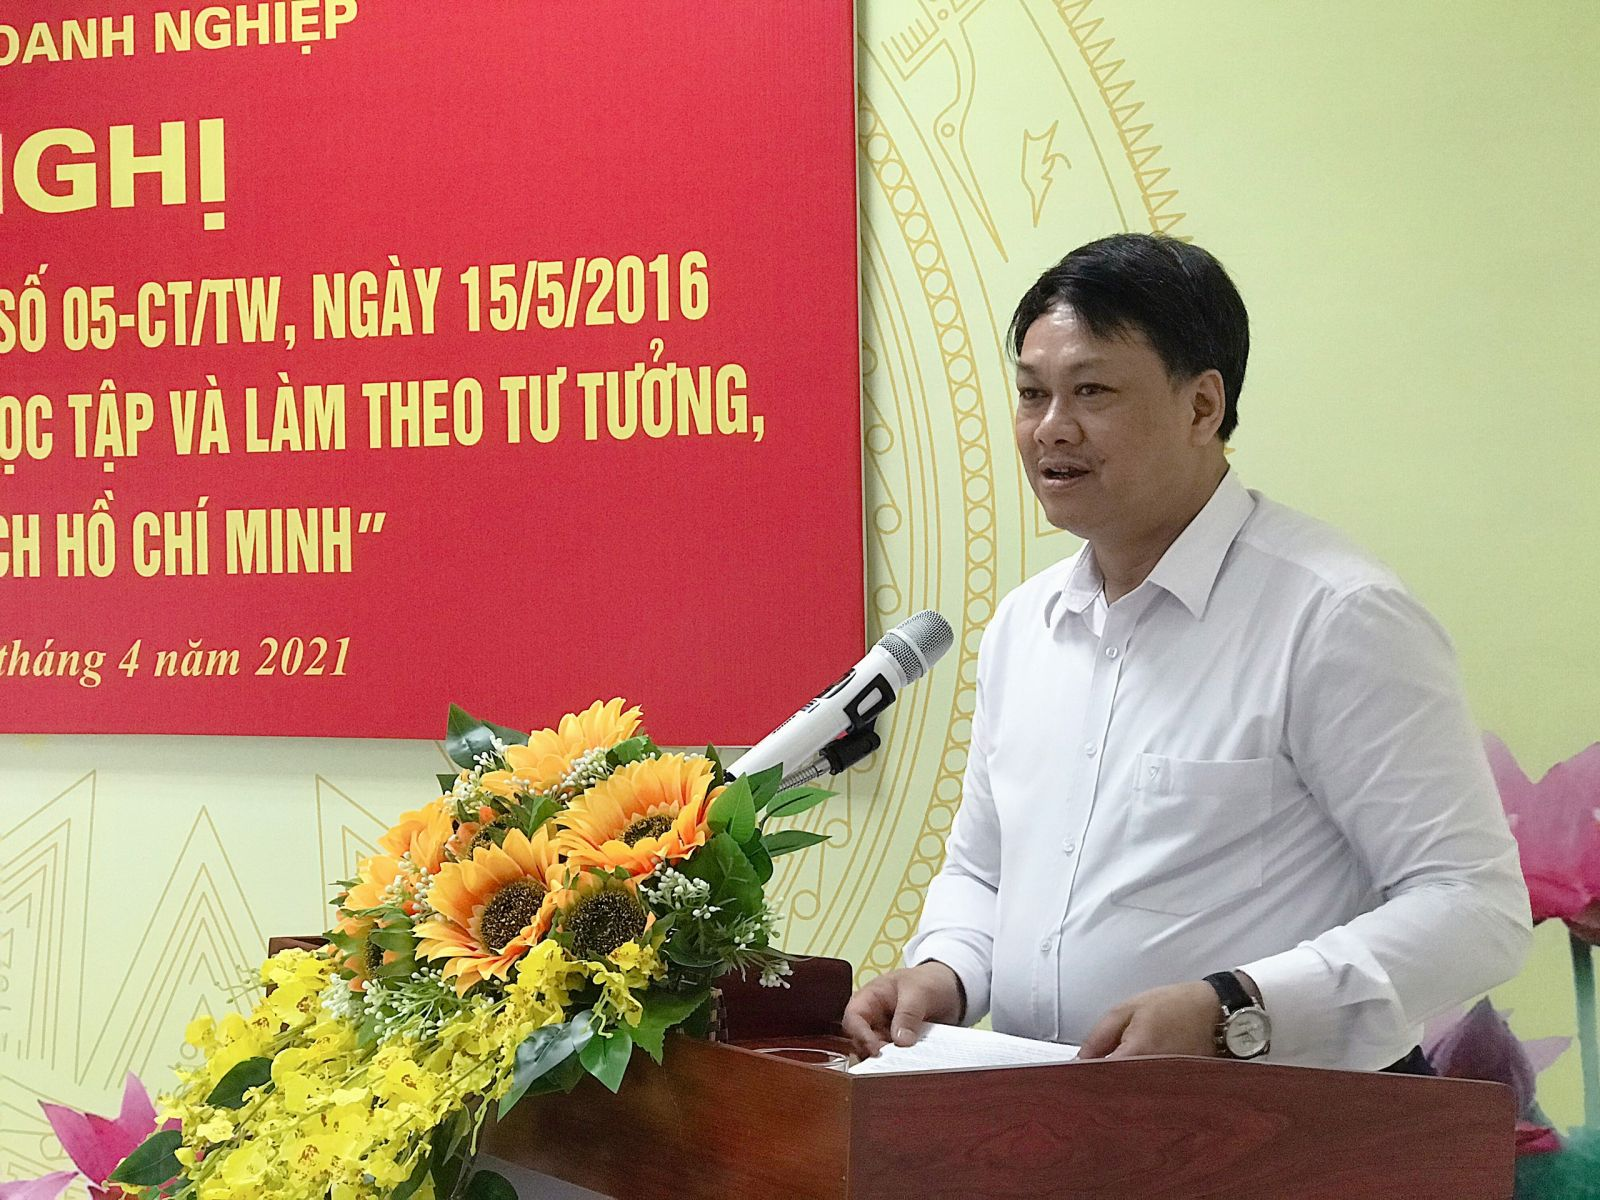 Đồng chí Nguyễn Minh Tiến – Phó Bí thư Thường trực Quận ủy